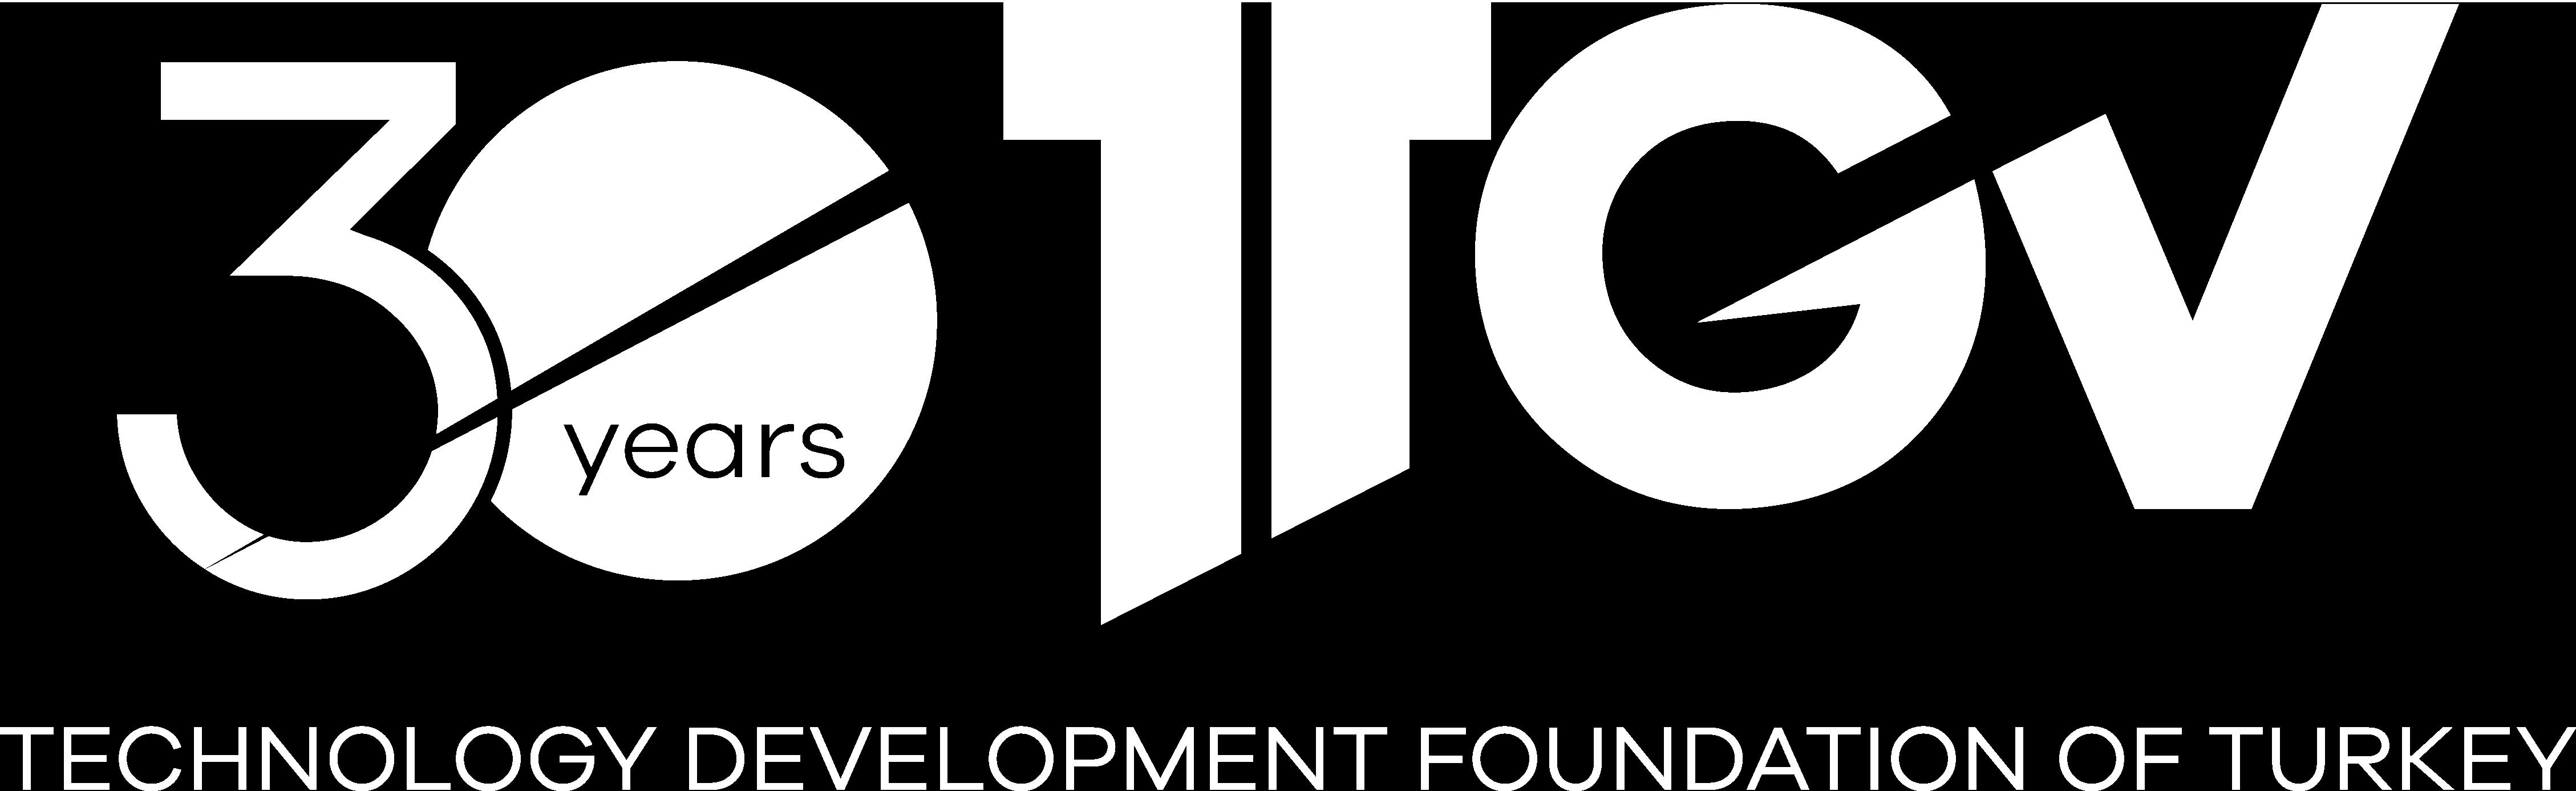 TTGV Light Logo